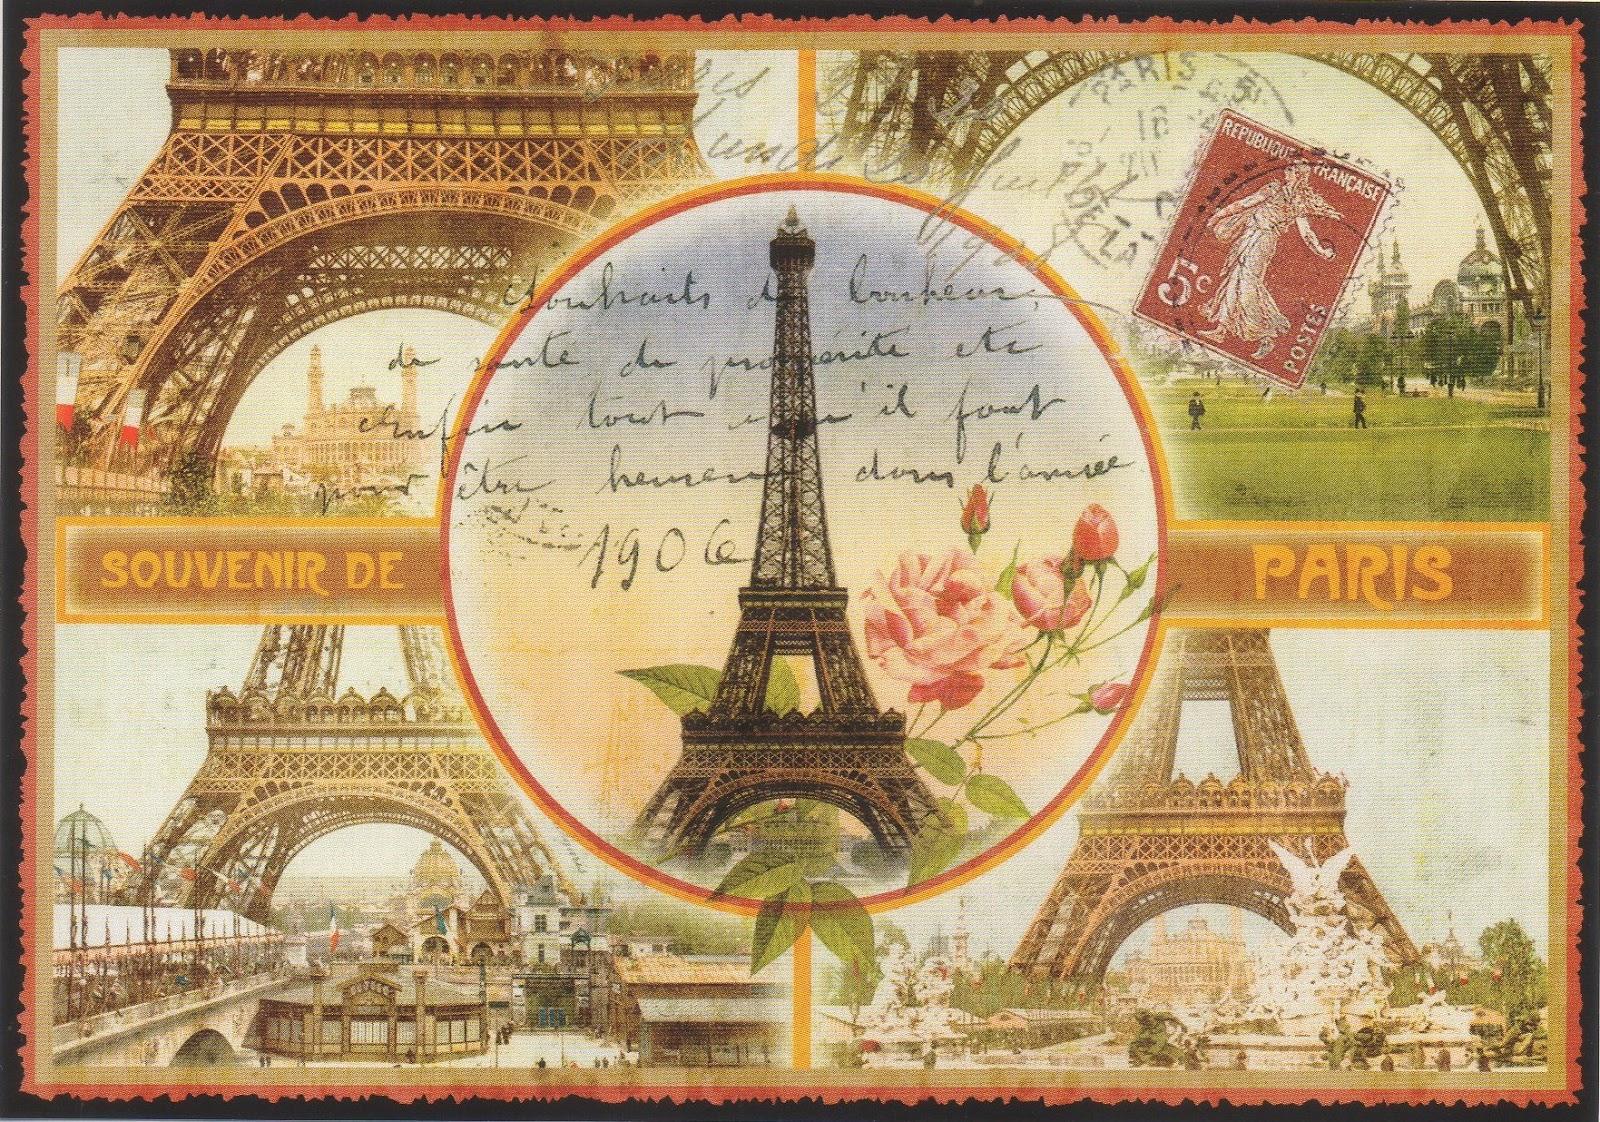 рода сегодня мир французской открытки вместе семьёй